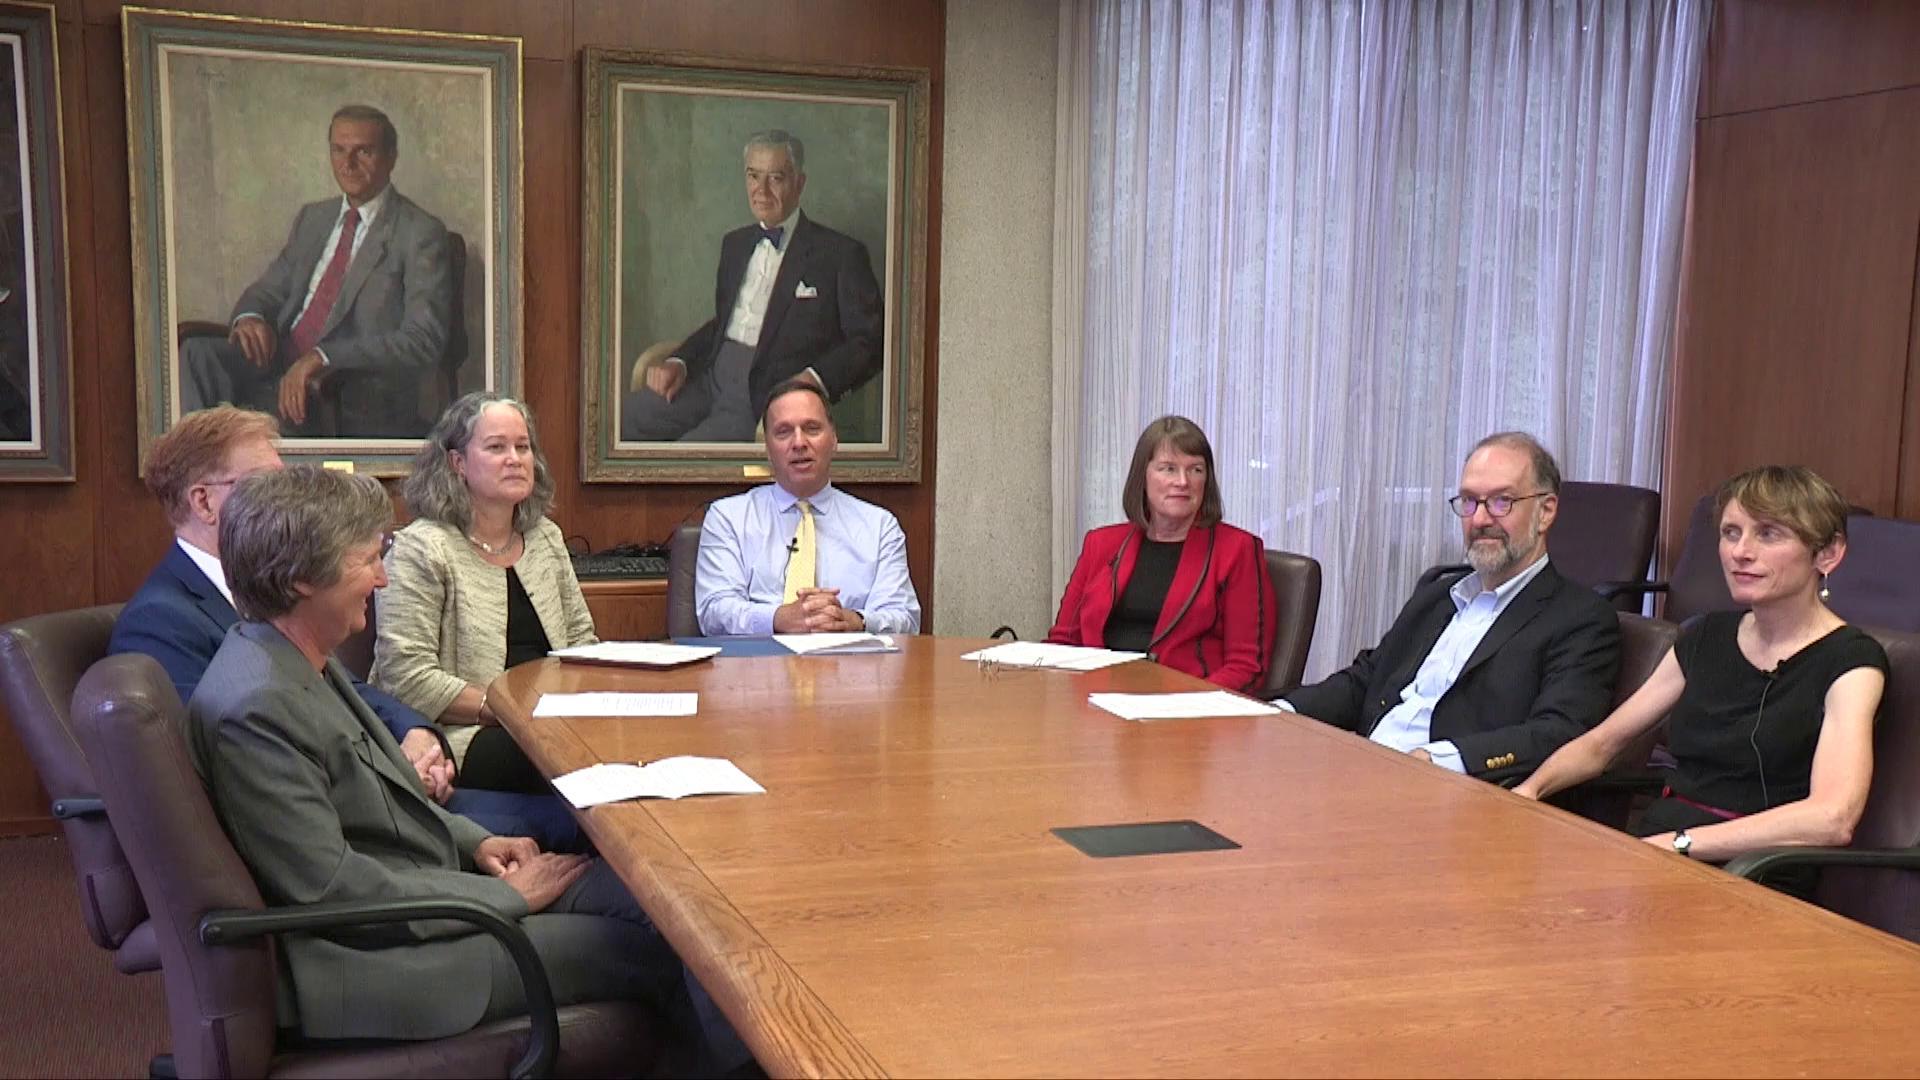 Trustees: Faculty Leadership